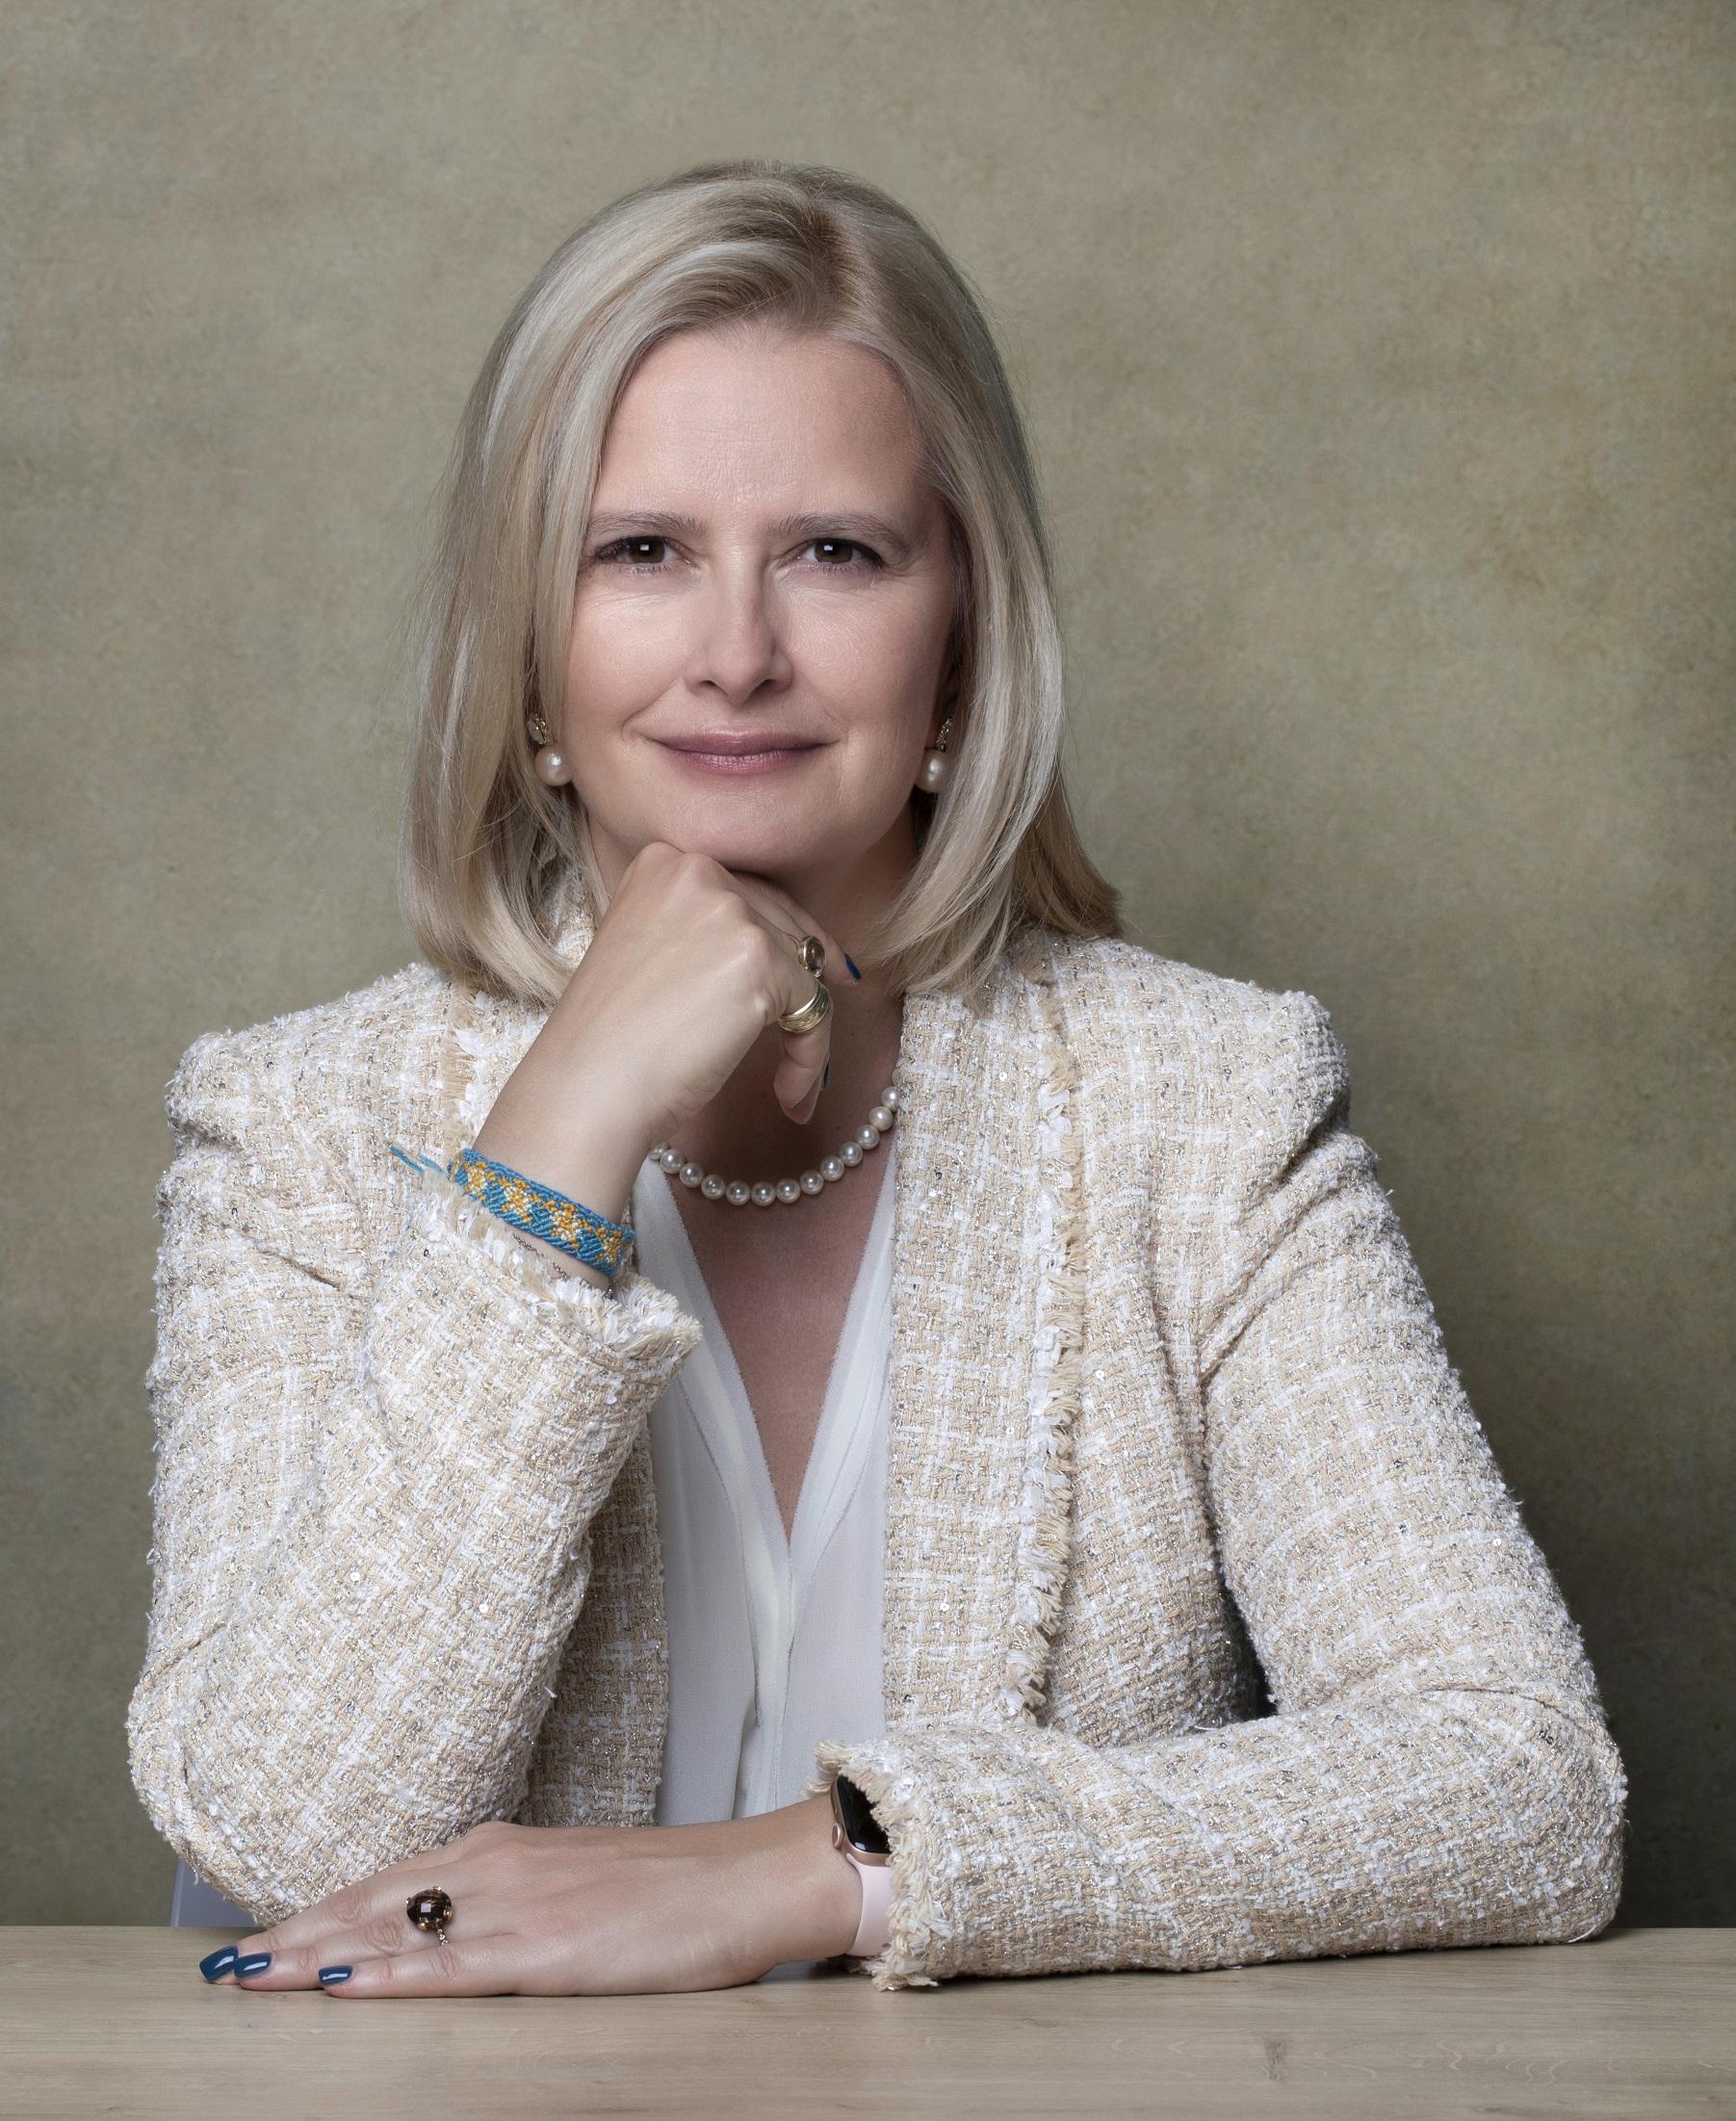 Marta Bulhak, CEO, HEINEKEN 1 - hrpsor Hrvatski poslovni savjet za održivi razvoj